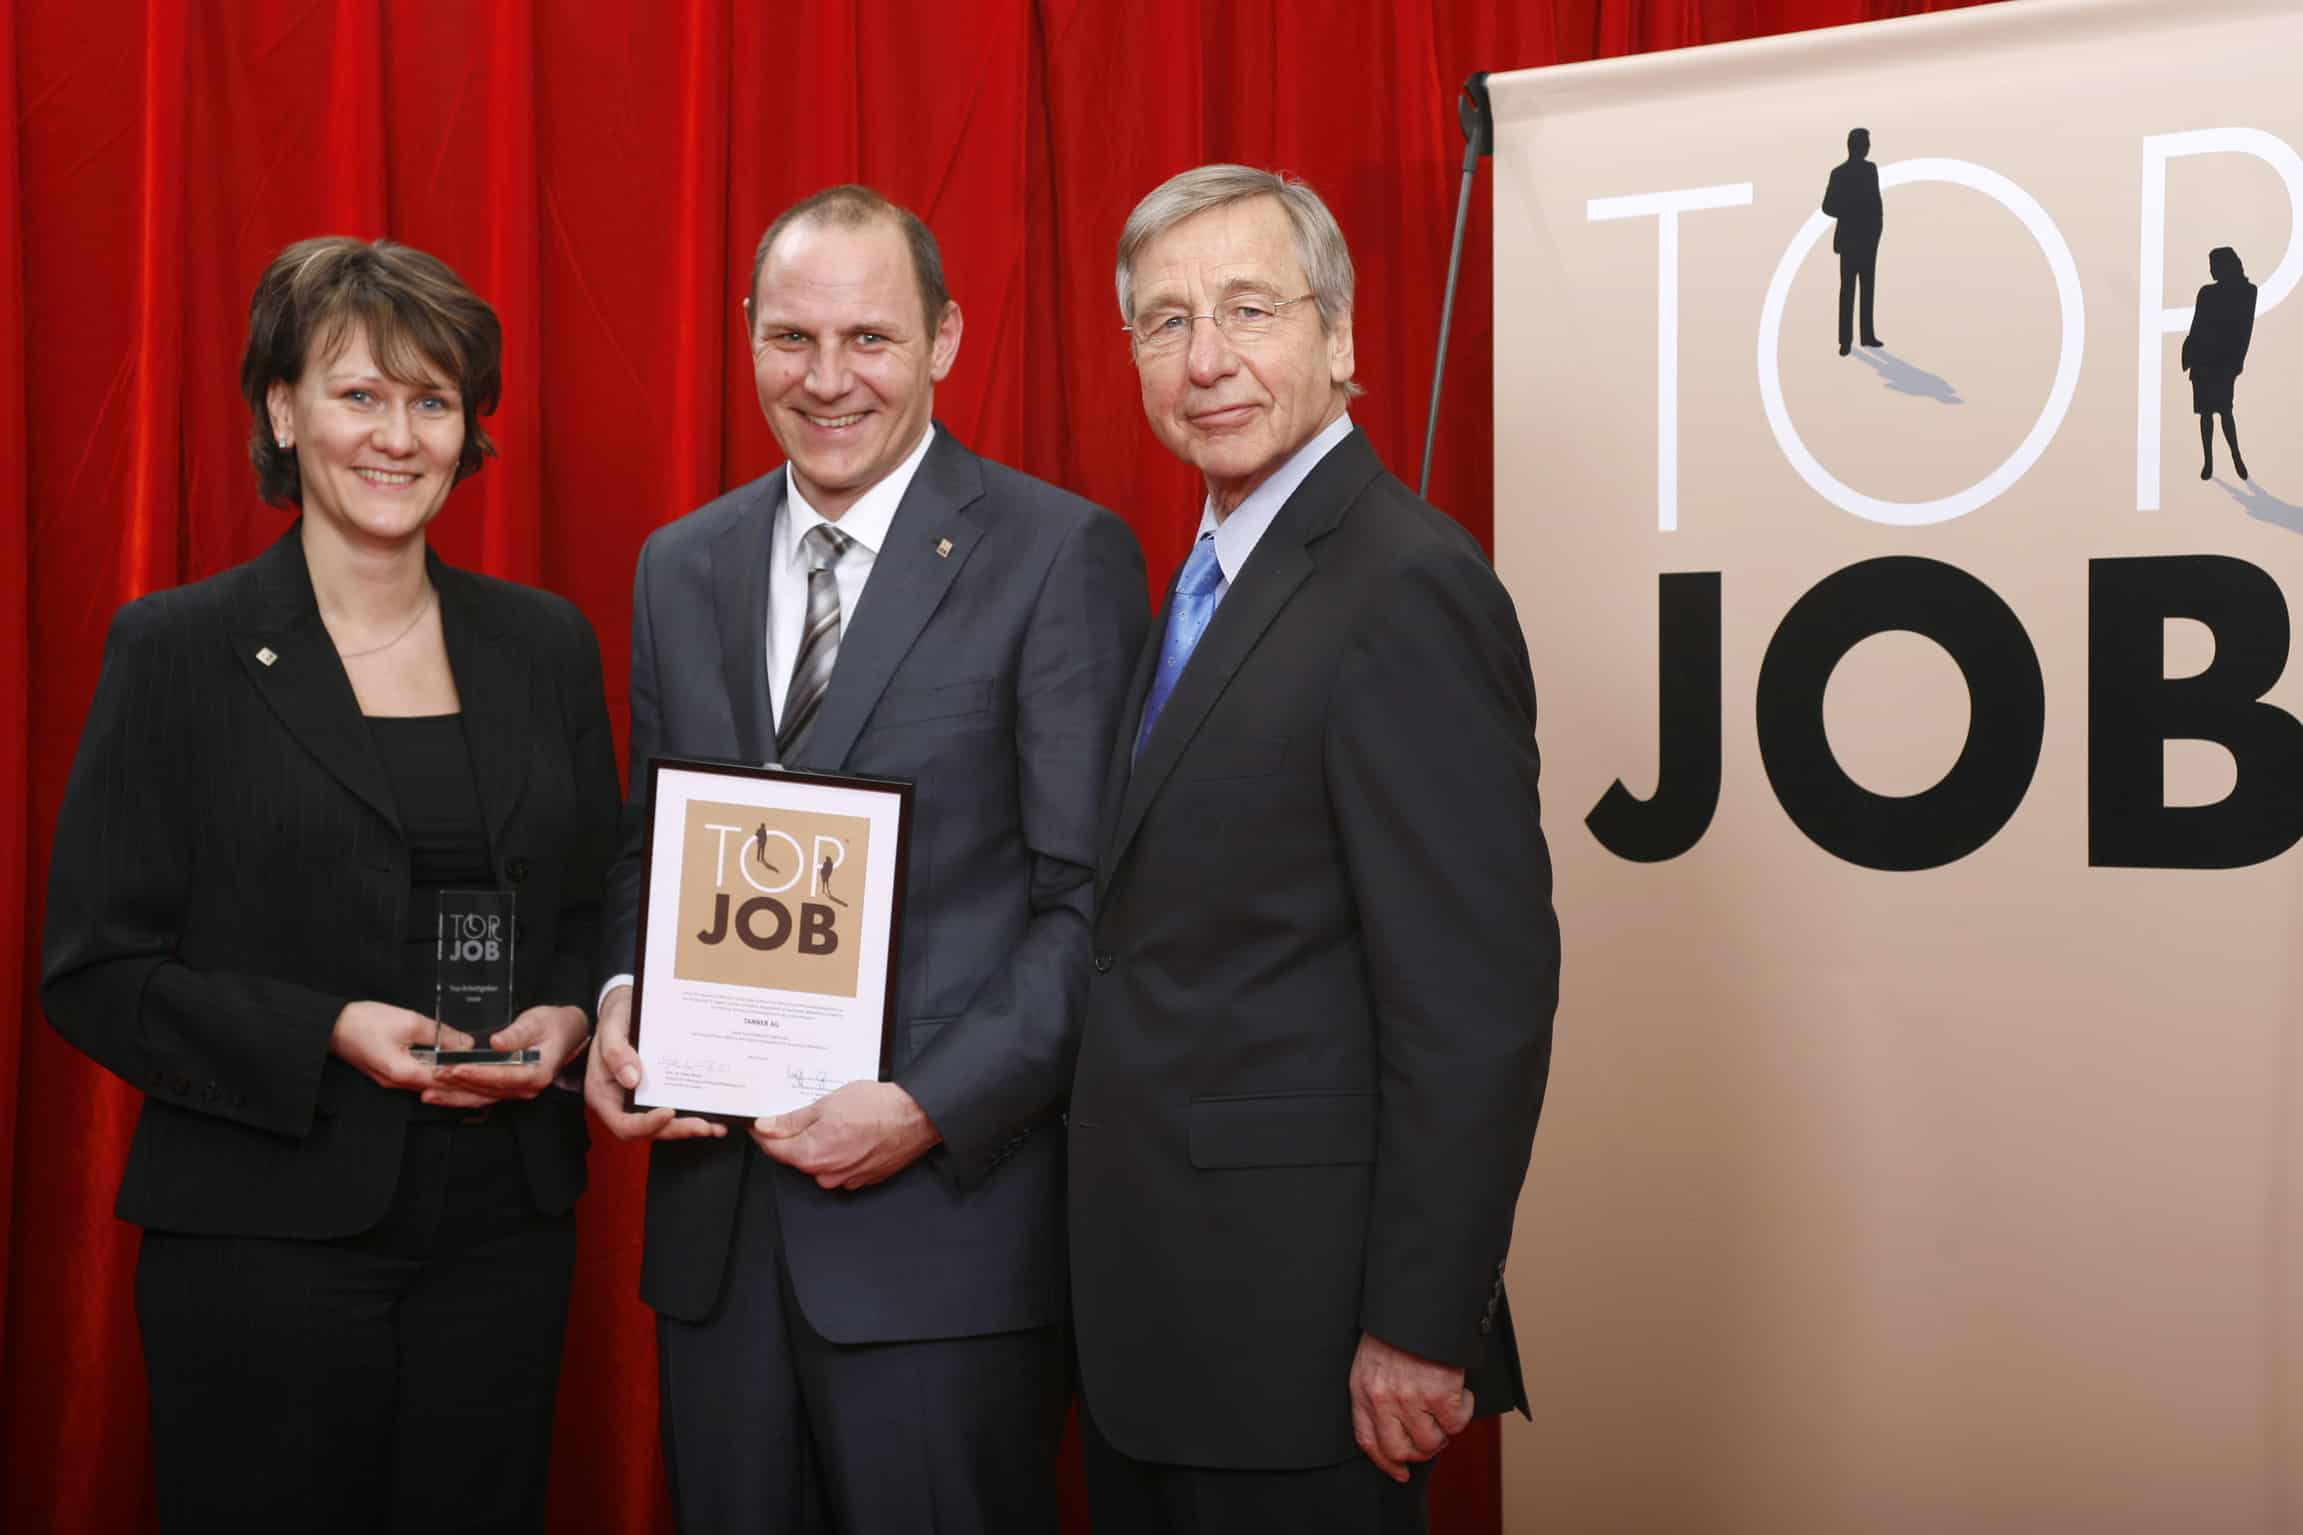 2007 erhält TANNER die Top Job Auszeichnung